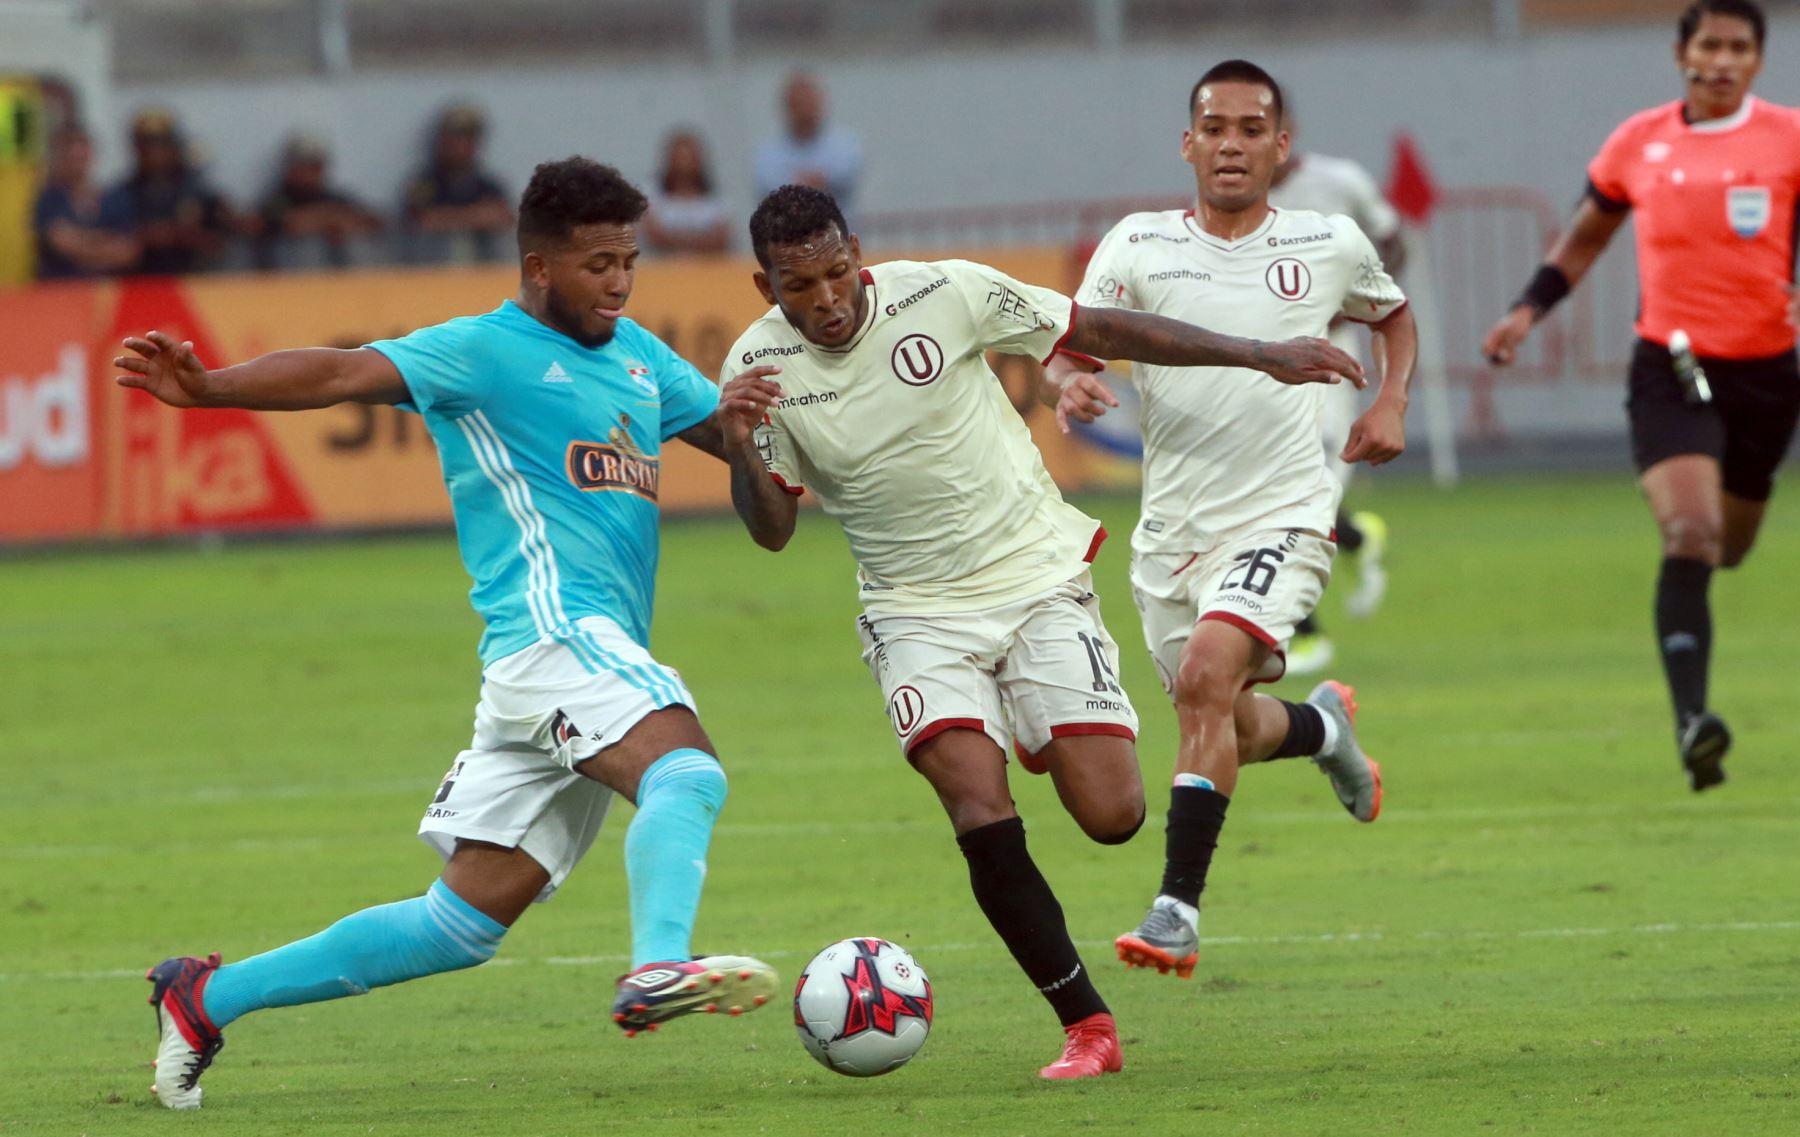 Universitario empató    1-1 con Cristal en el Estado Nacional . Foto:ANDINA/ Jhony Laurente